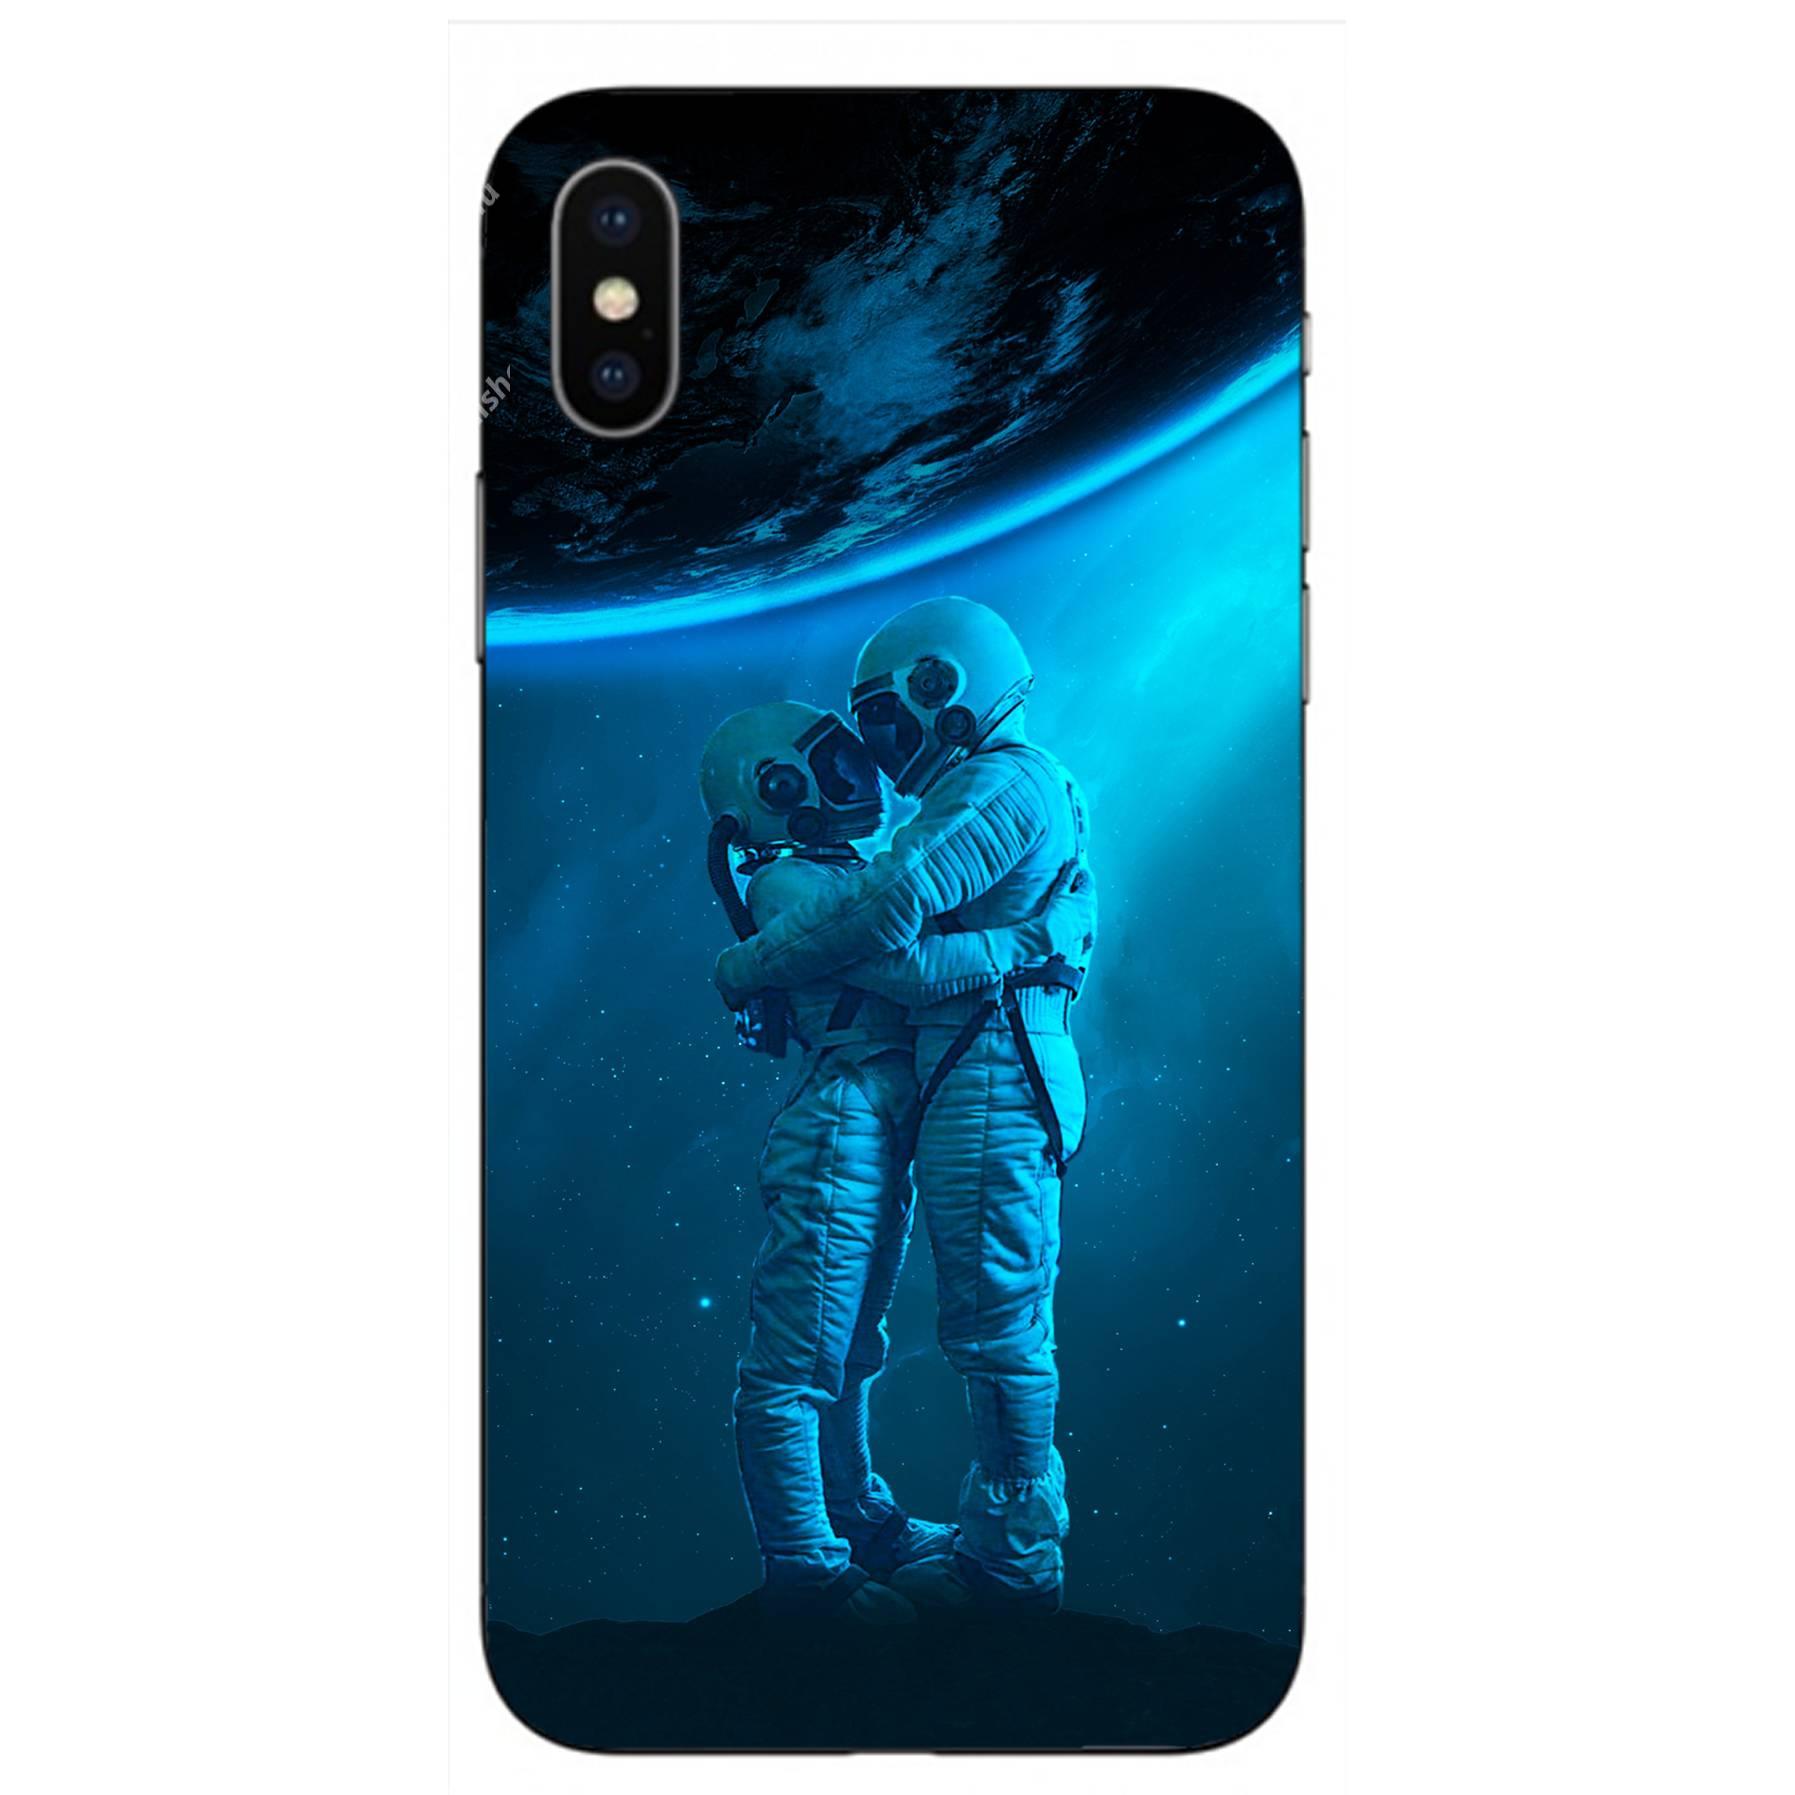 E-pic szilikon védő tok / hátlap - Szerelmes űrhajós pár mintás - APPLE iPhone XS